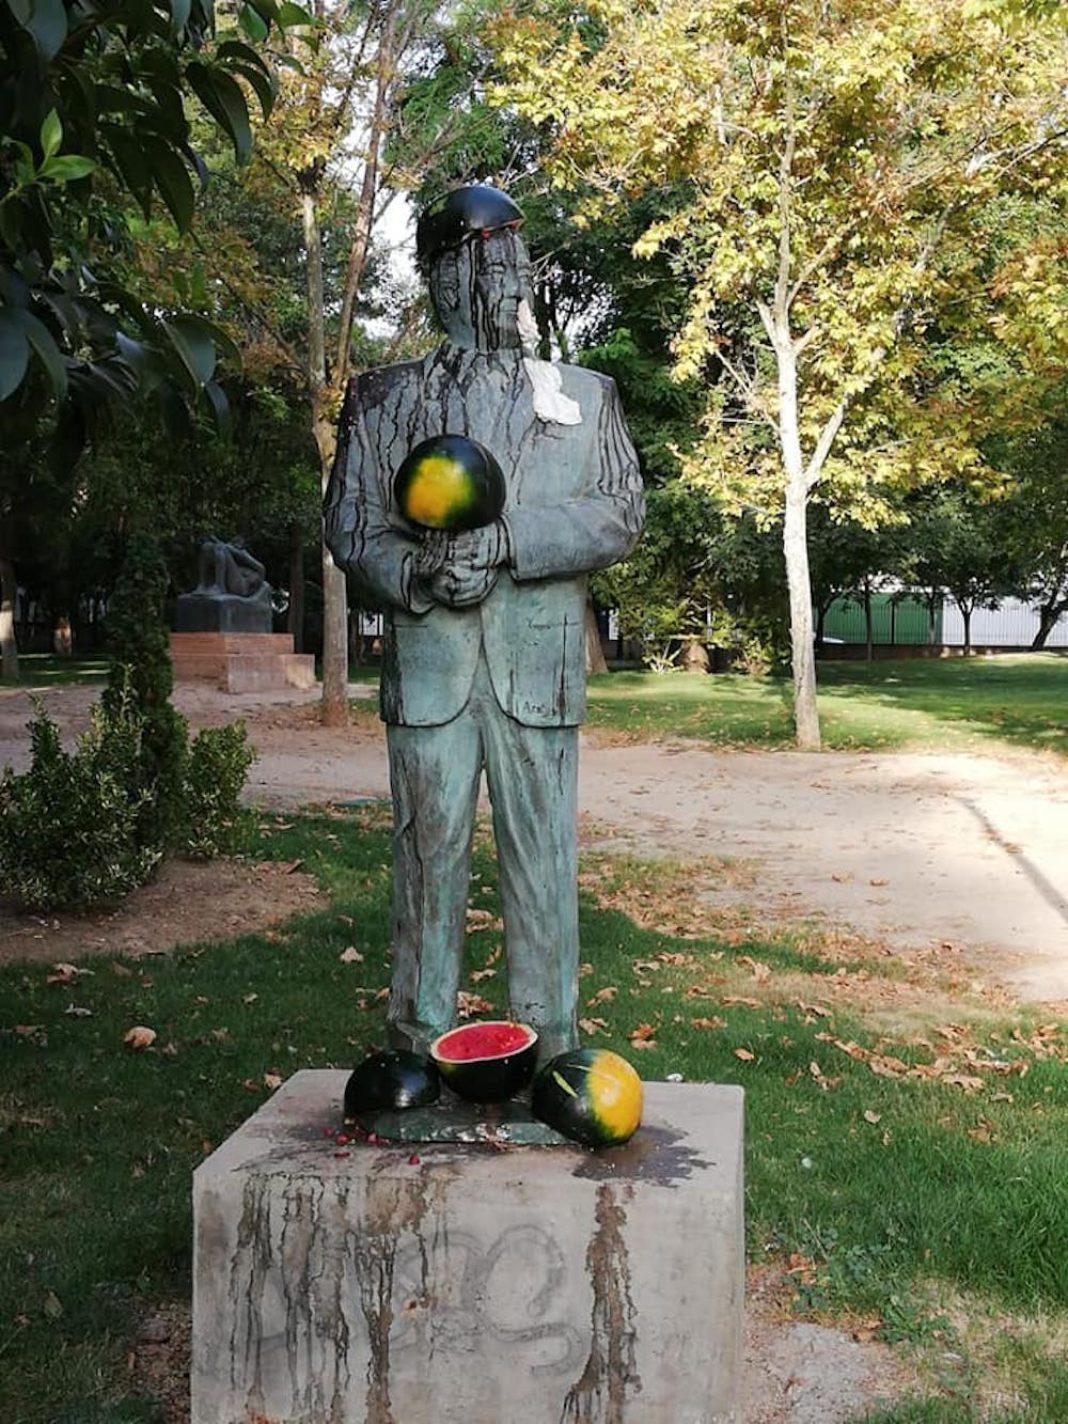 escultura agustin ubeda herencia 1068x1424 - Vandalismo sobre la escultura de Agustín Úbeda en Herencia